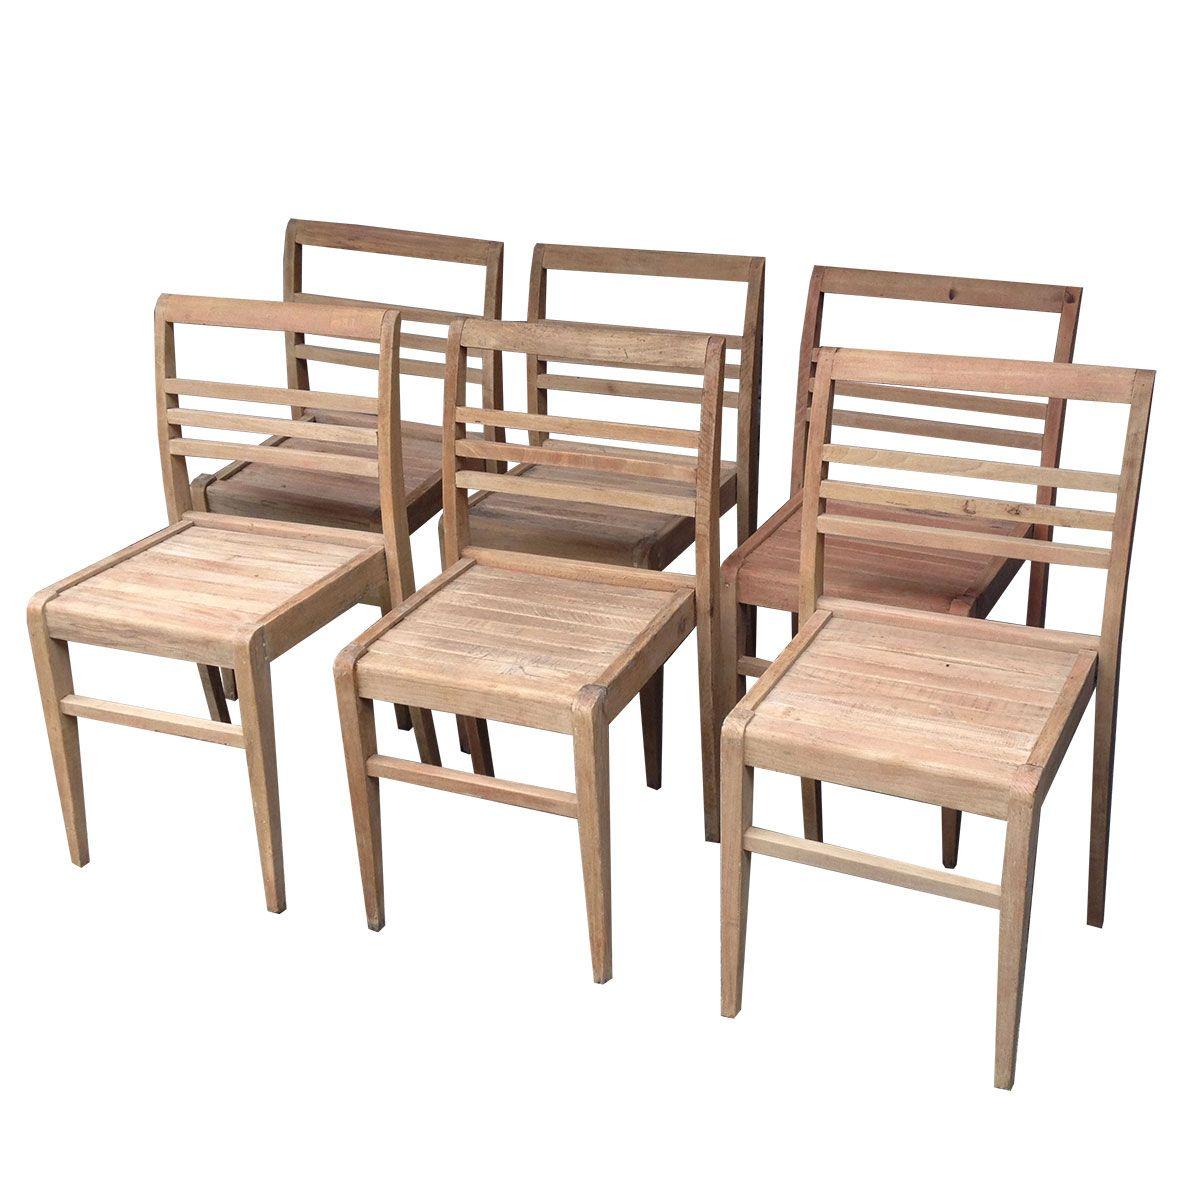 6 chaises René Gabriel (Gamme les Sinistrés) 1948 > Boutique en ligne : www.dedde-art.com